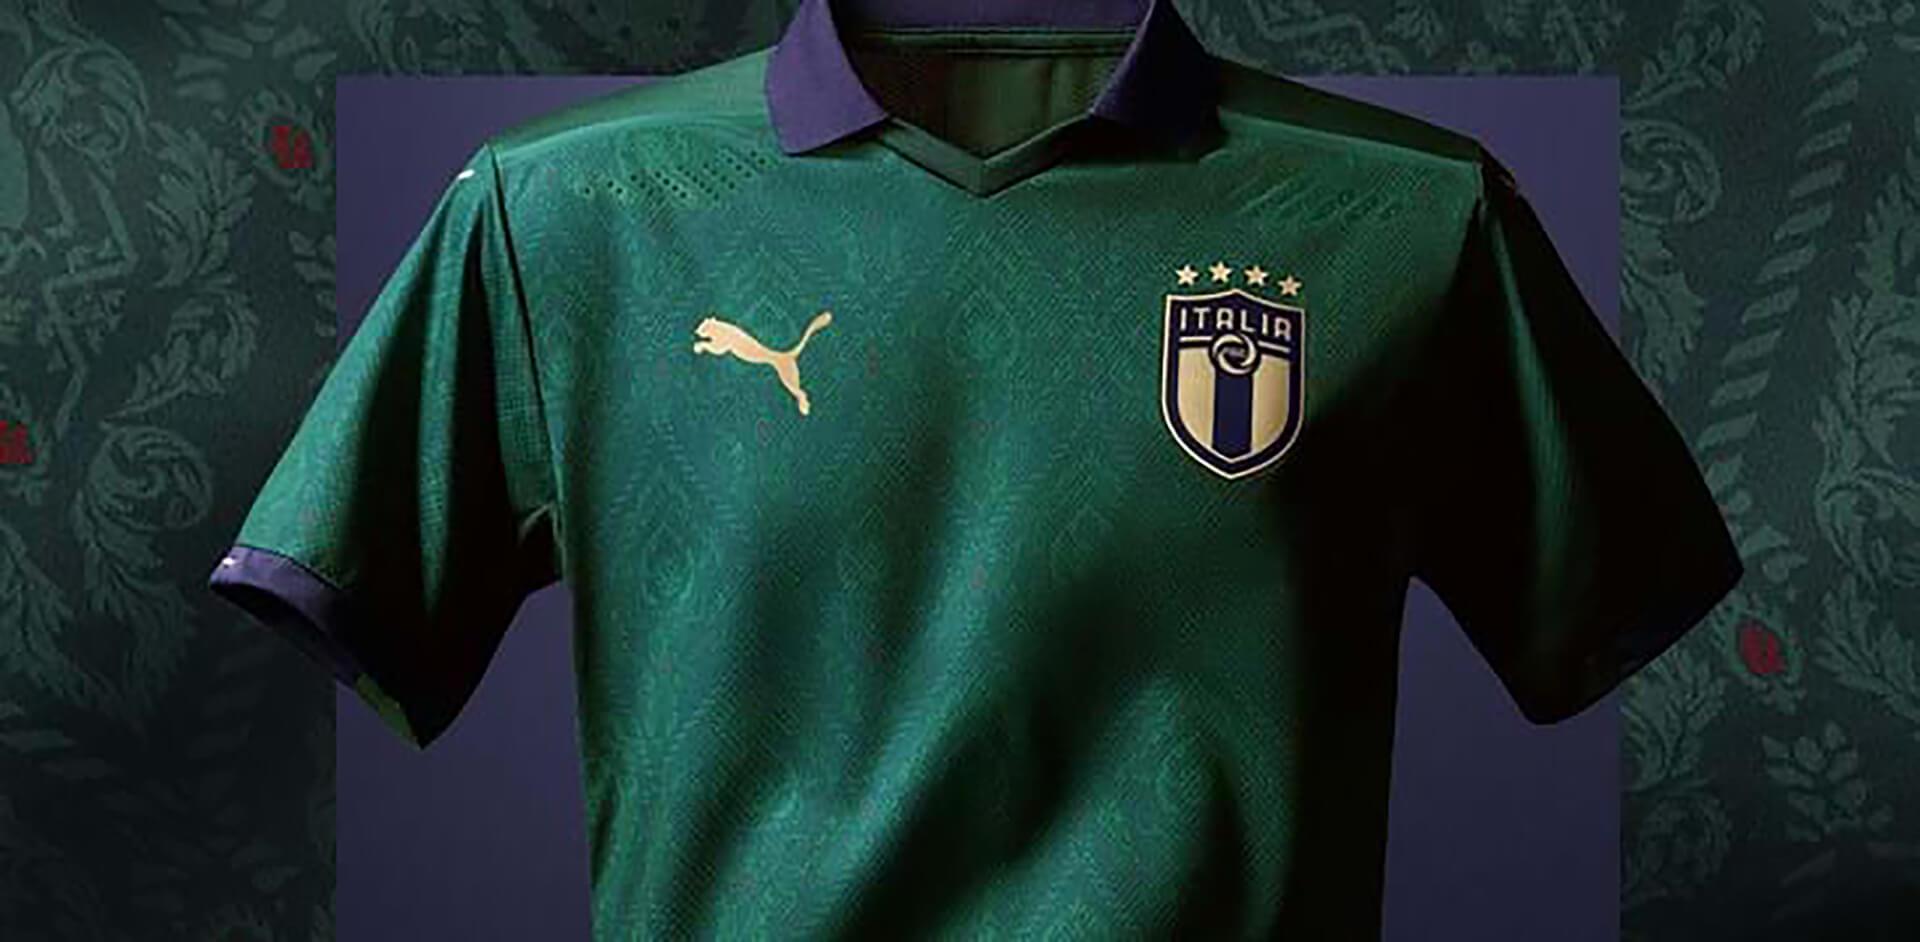 azzurro italia verde nazionale